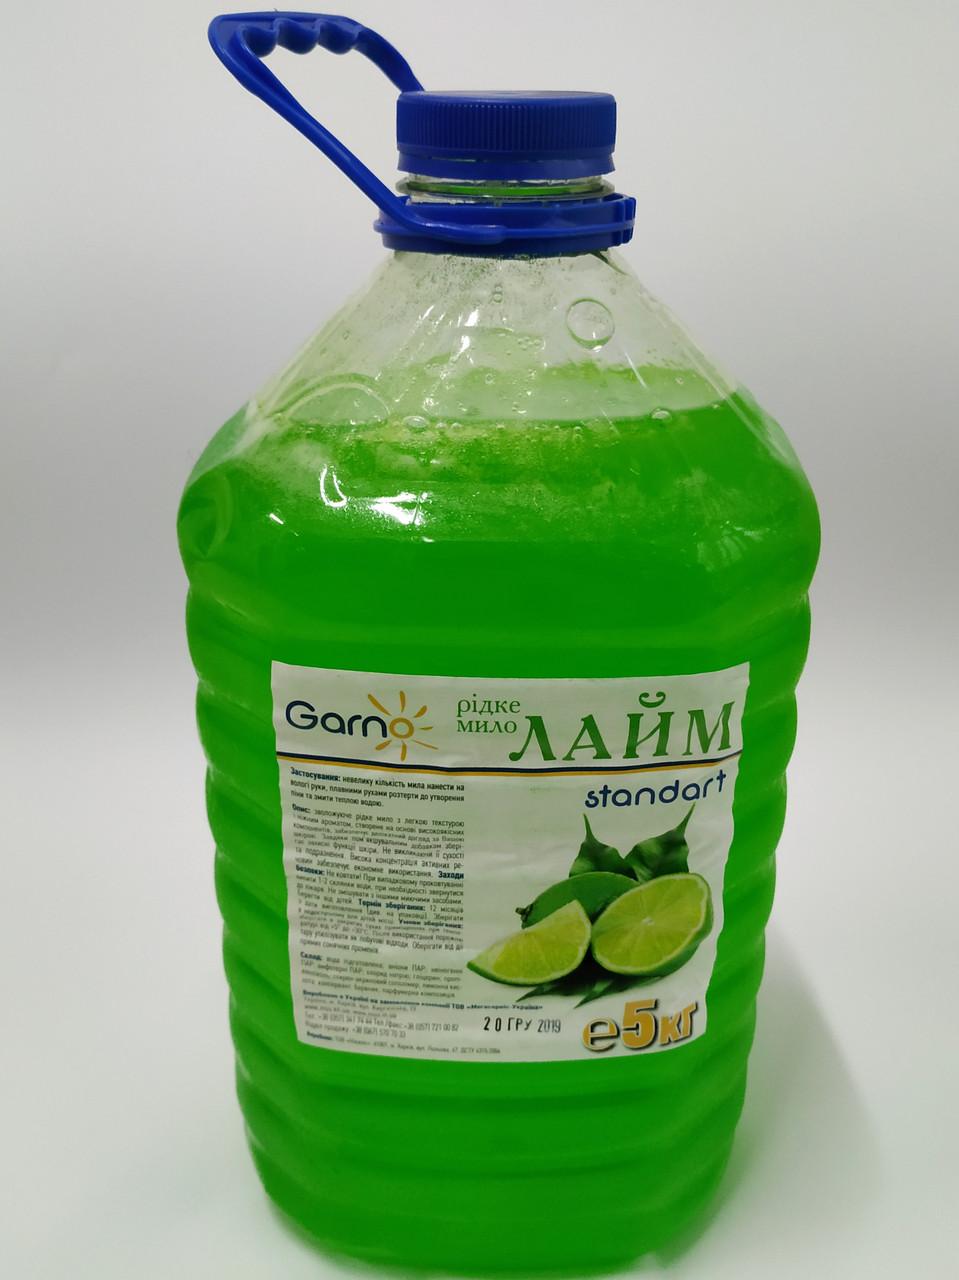 Мыло жидкое Гарно/GARNO  5л Лайм крем мыло (standart)